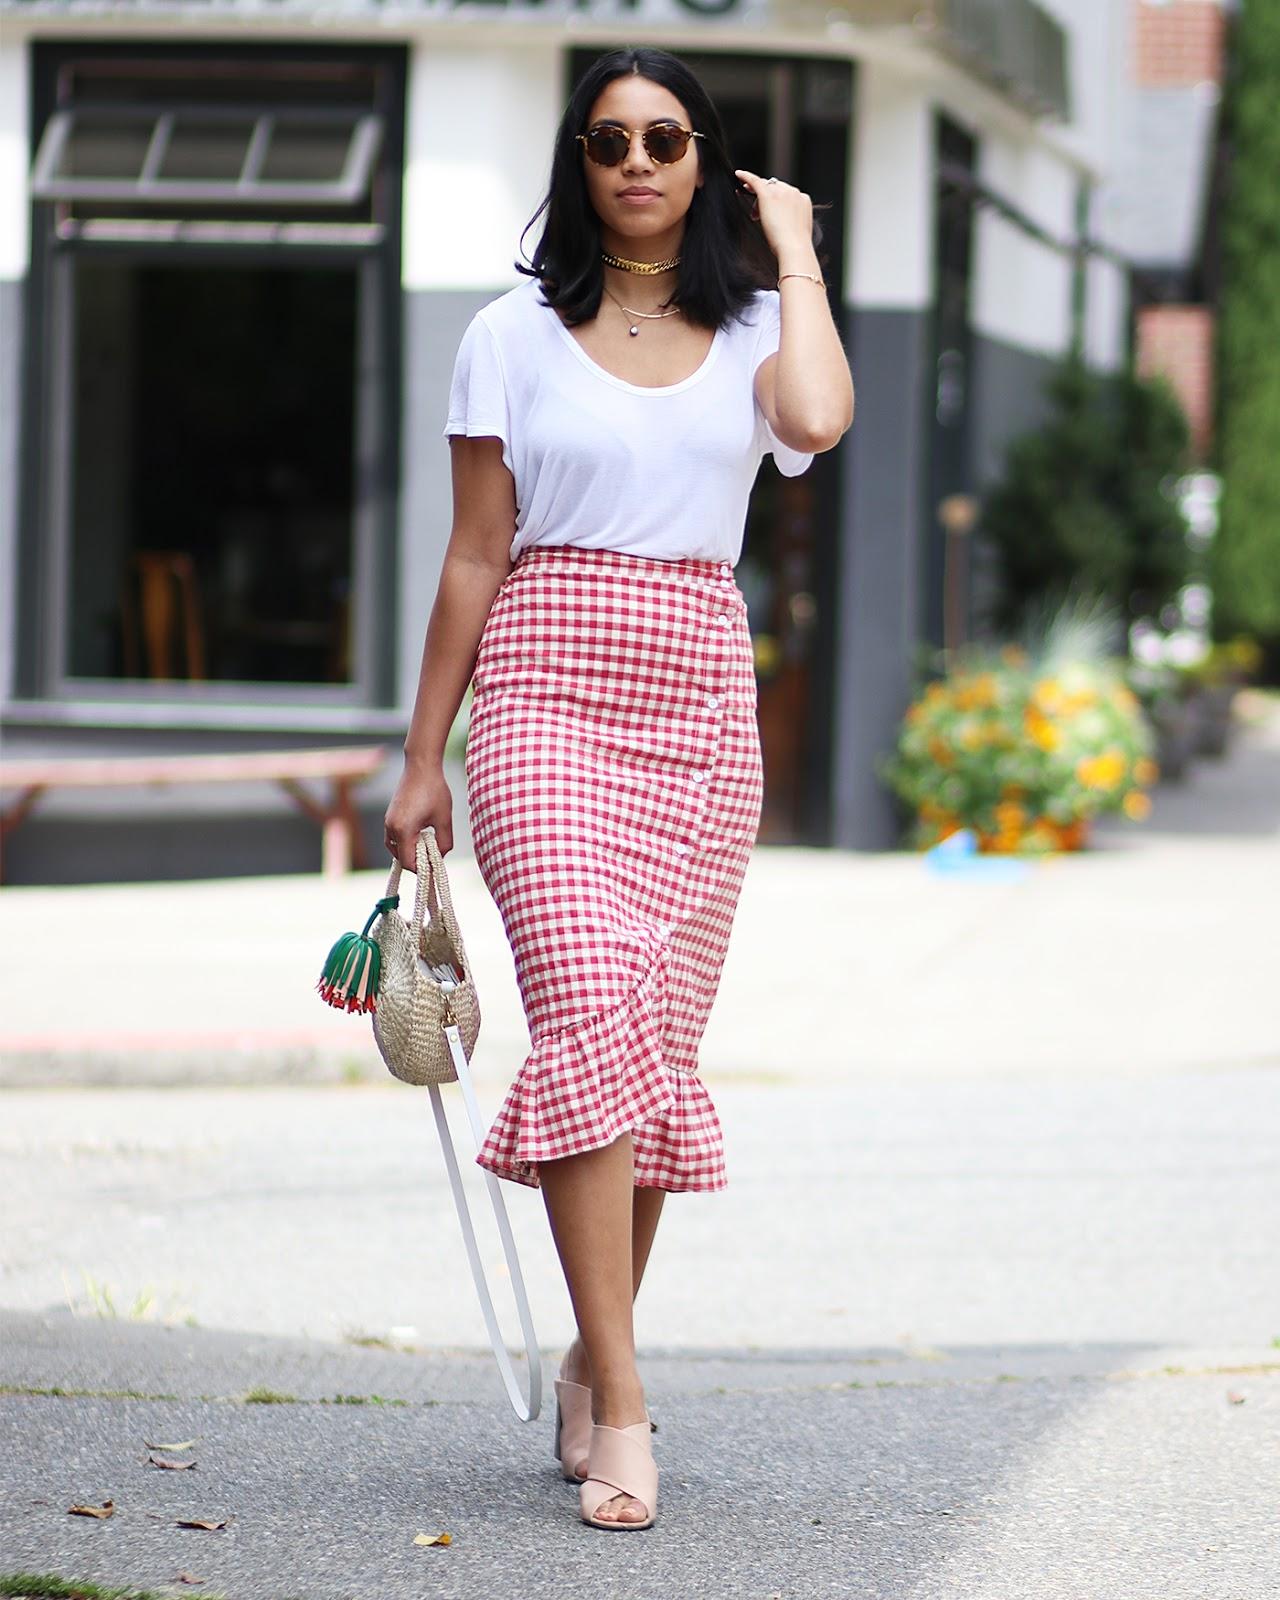 SheIn Gingham Skirt